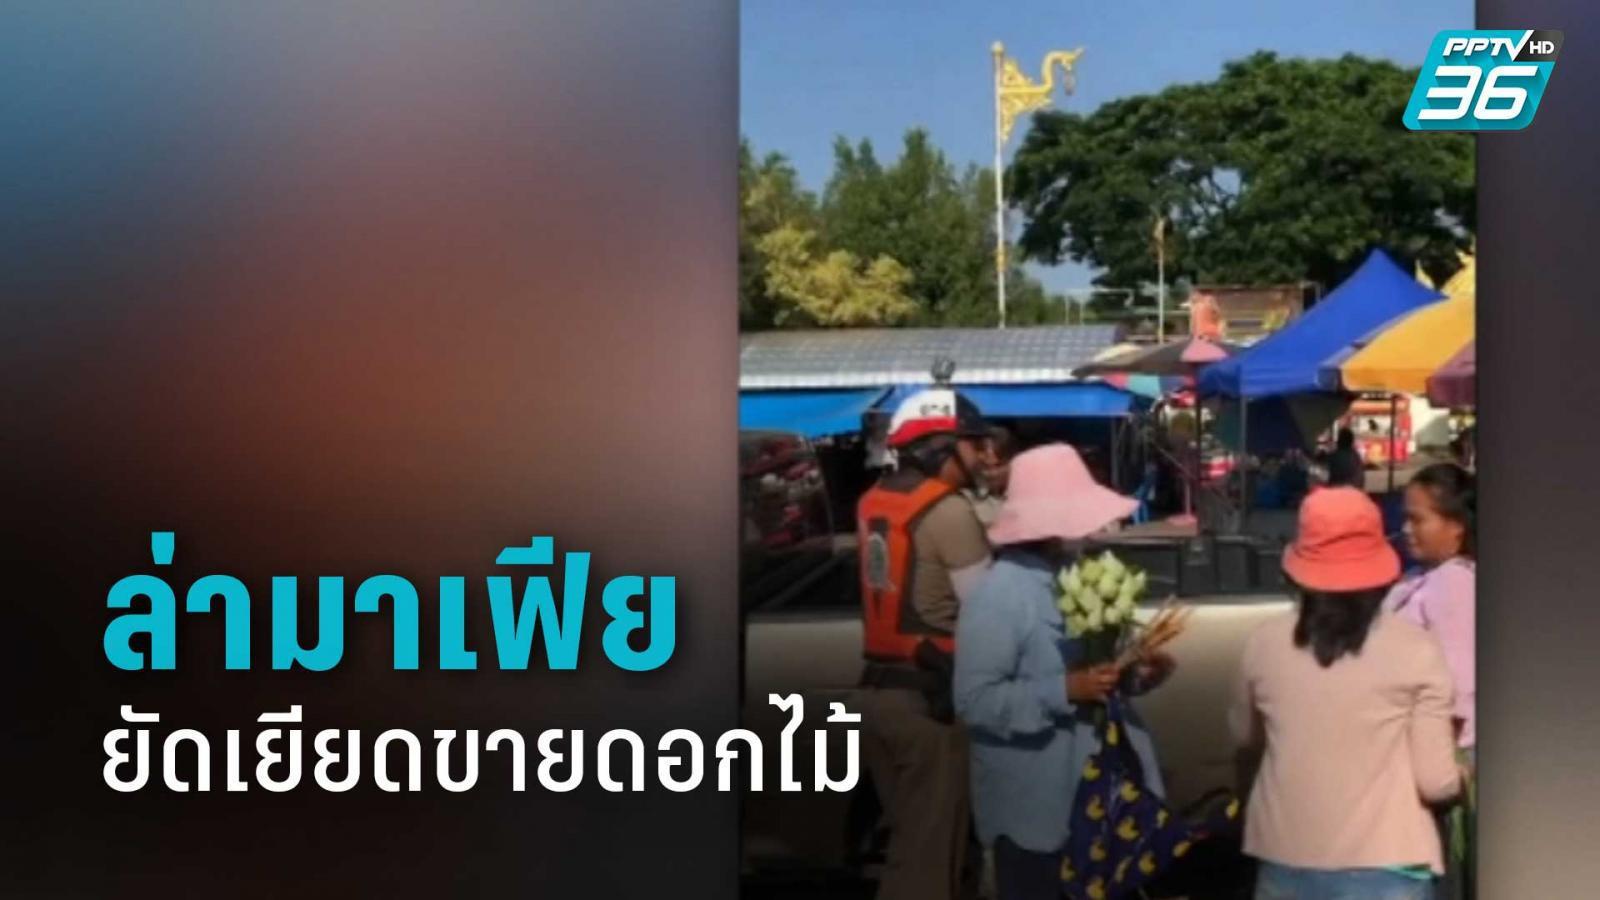 ผู้ว่าฯ สั่งล่ามาเฟียยัดเยียดขายดอกไม้ ขูดรีดนักท่องเที่ยวในวัดพระธาตุพนม